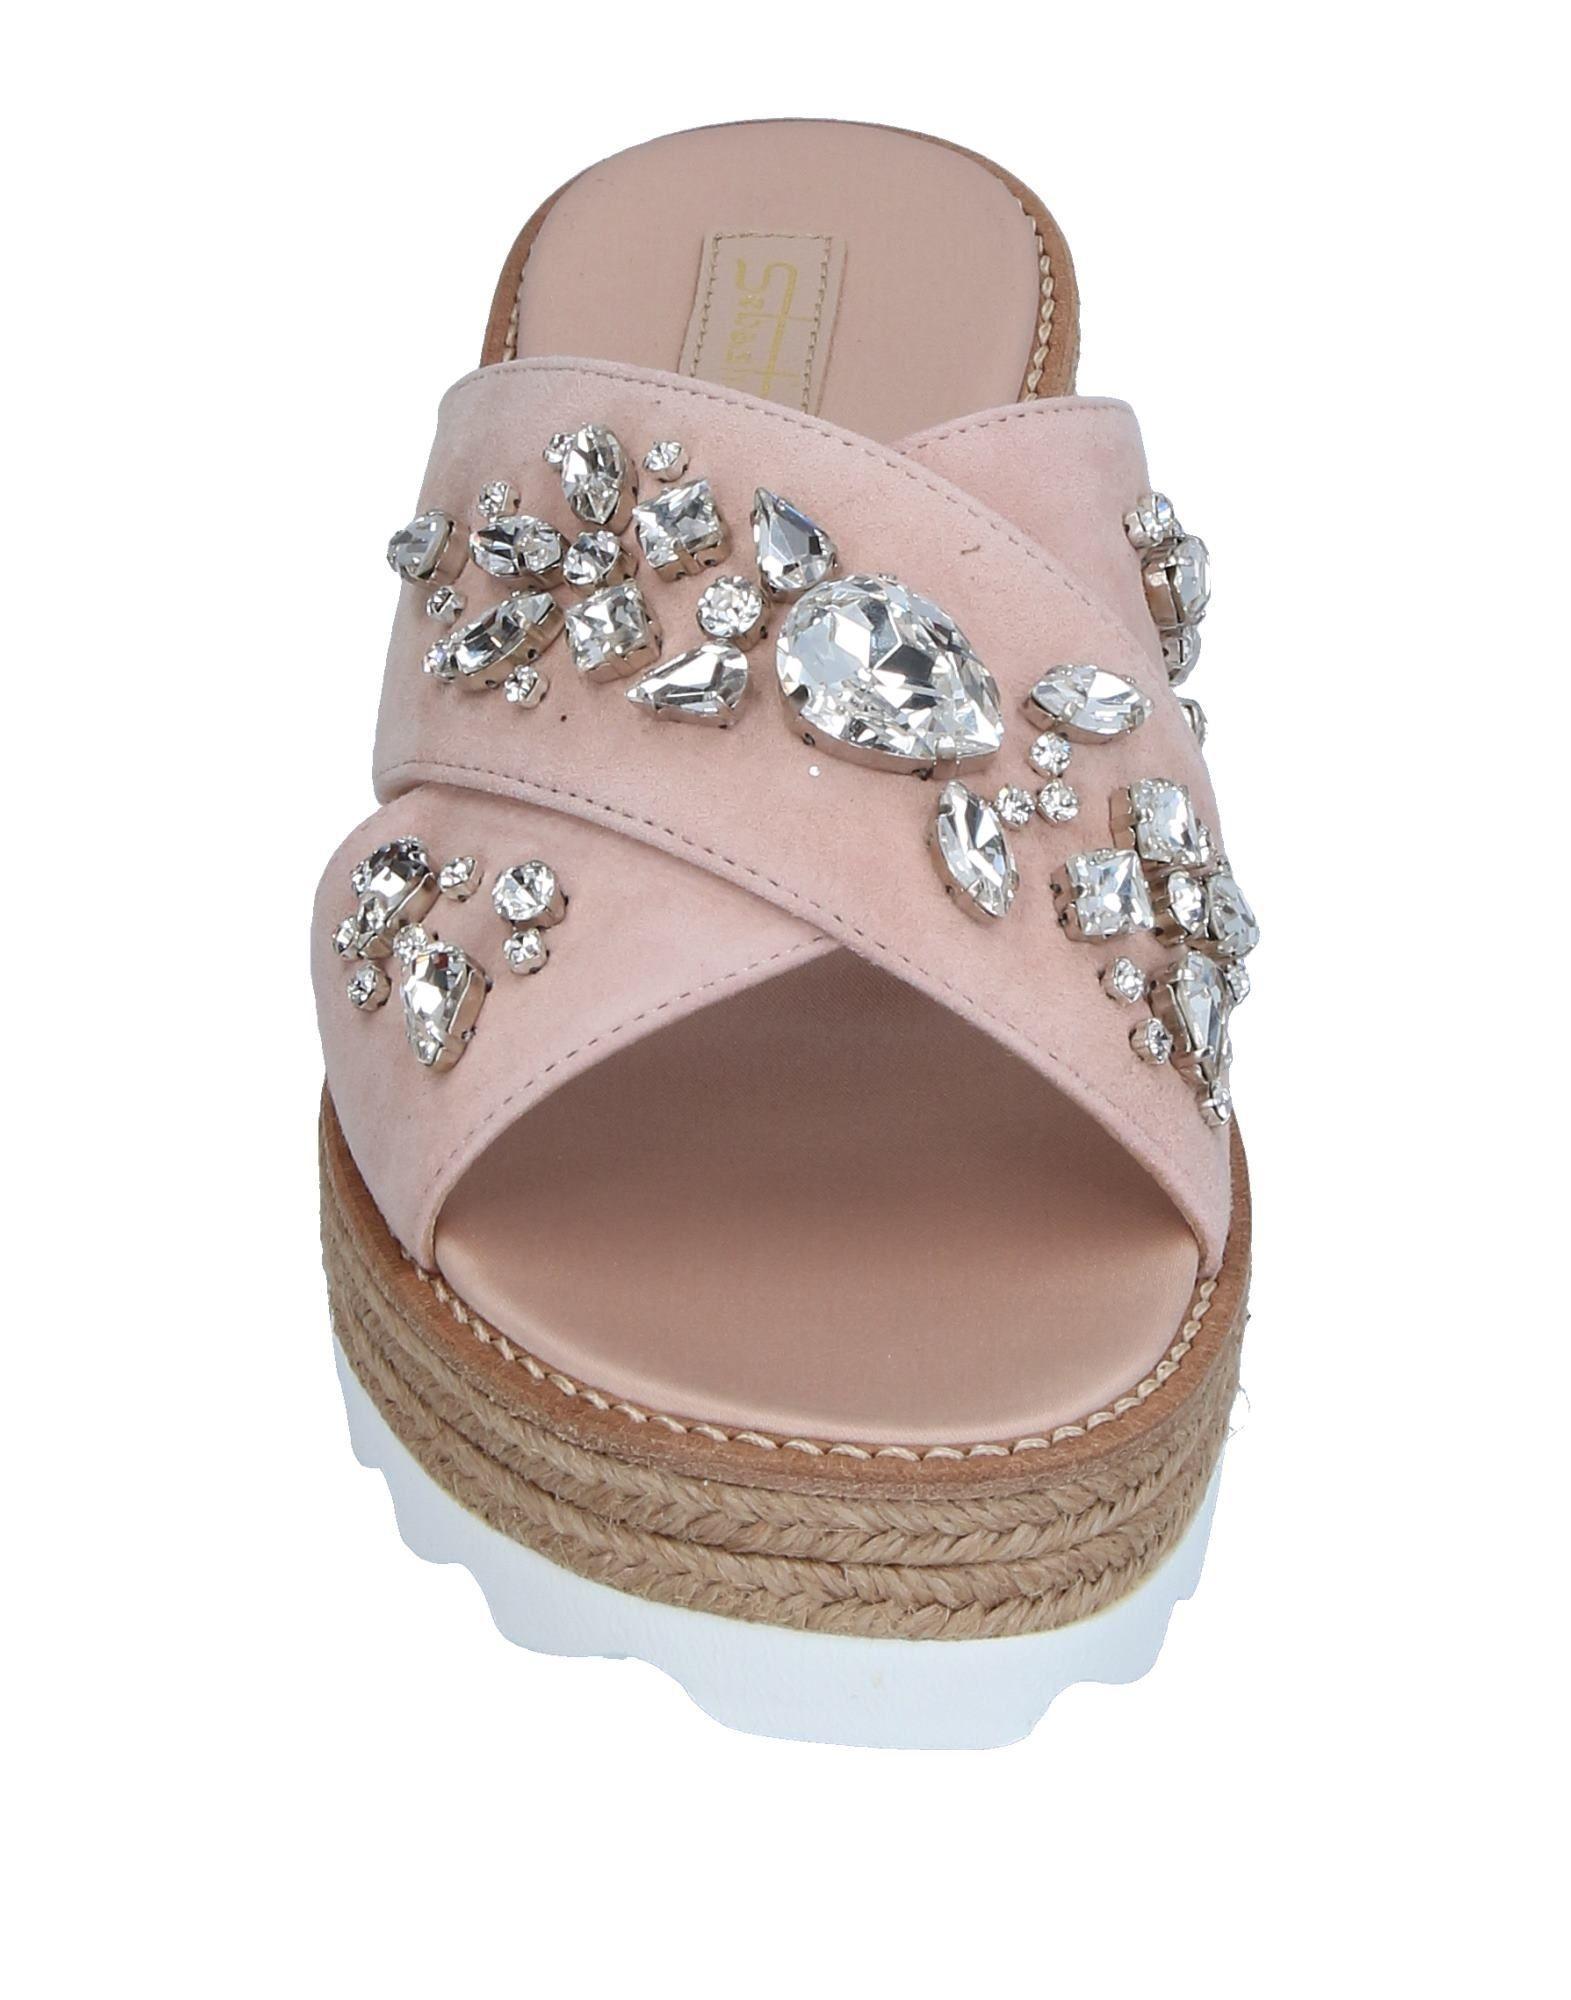 Sebastian Light Pink Embellished Leather Sandals